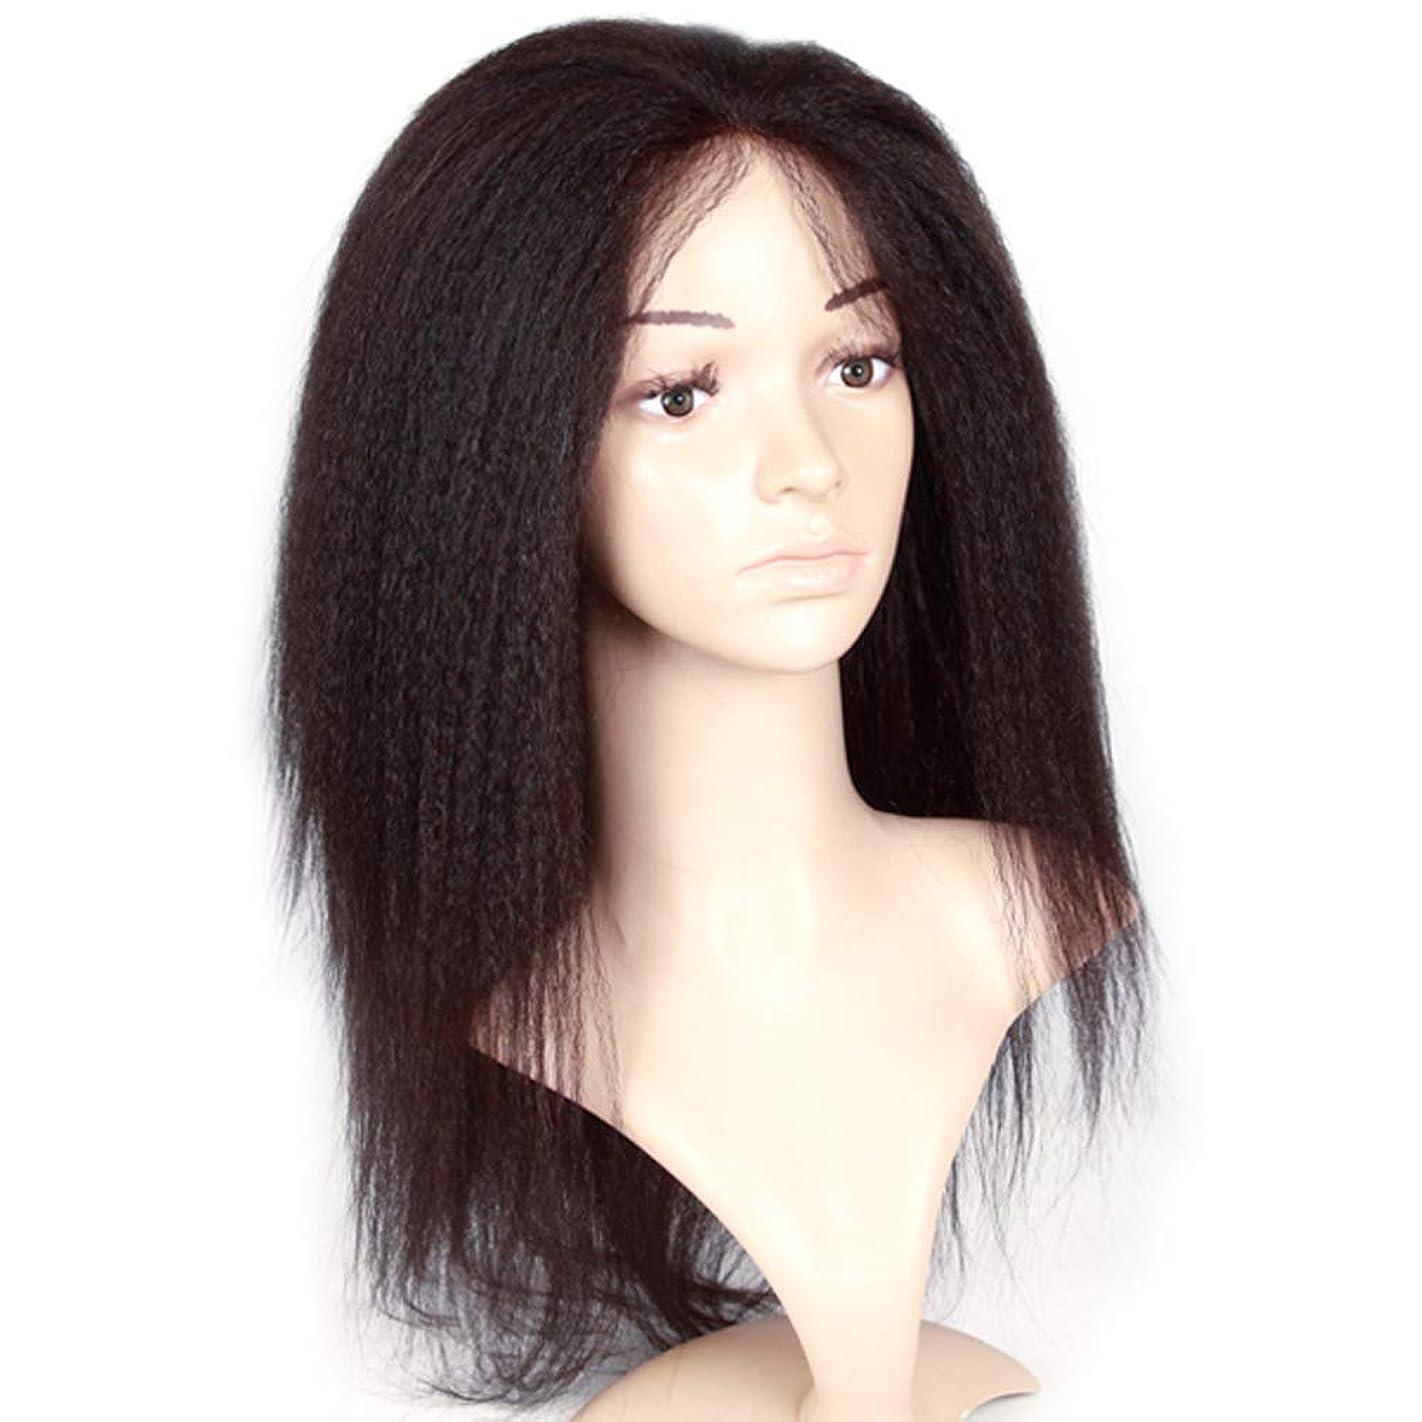 しわ裕福な称賛レースフロントかつらふわふわブラジル人のremy女性人間の髪の毛ストレートヘアレースかつら赤ん坊の毛髪用180%密度黒22インチ